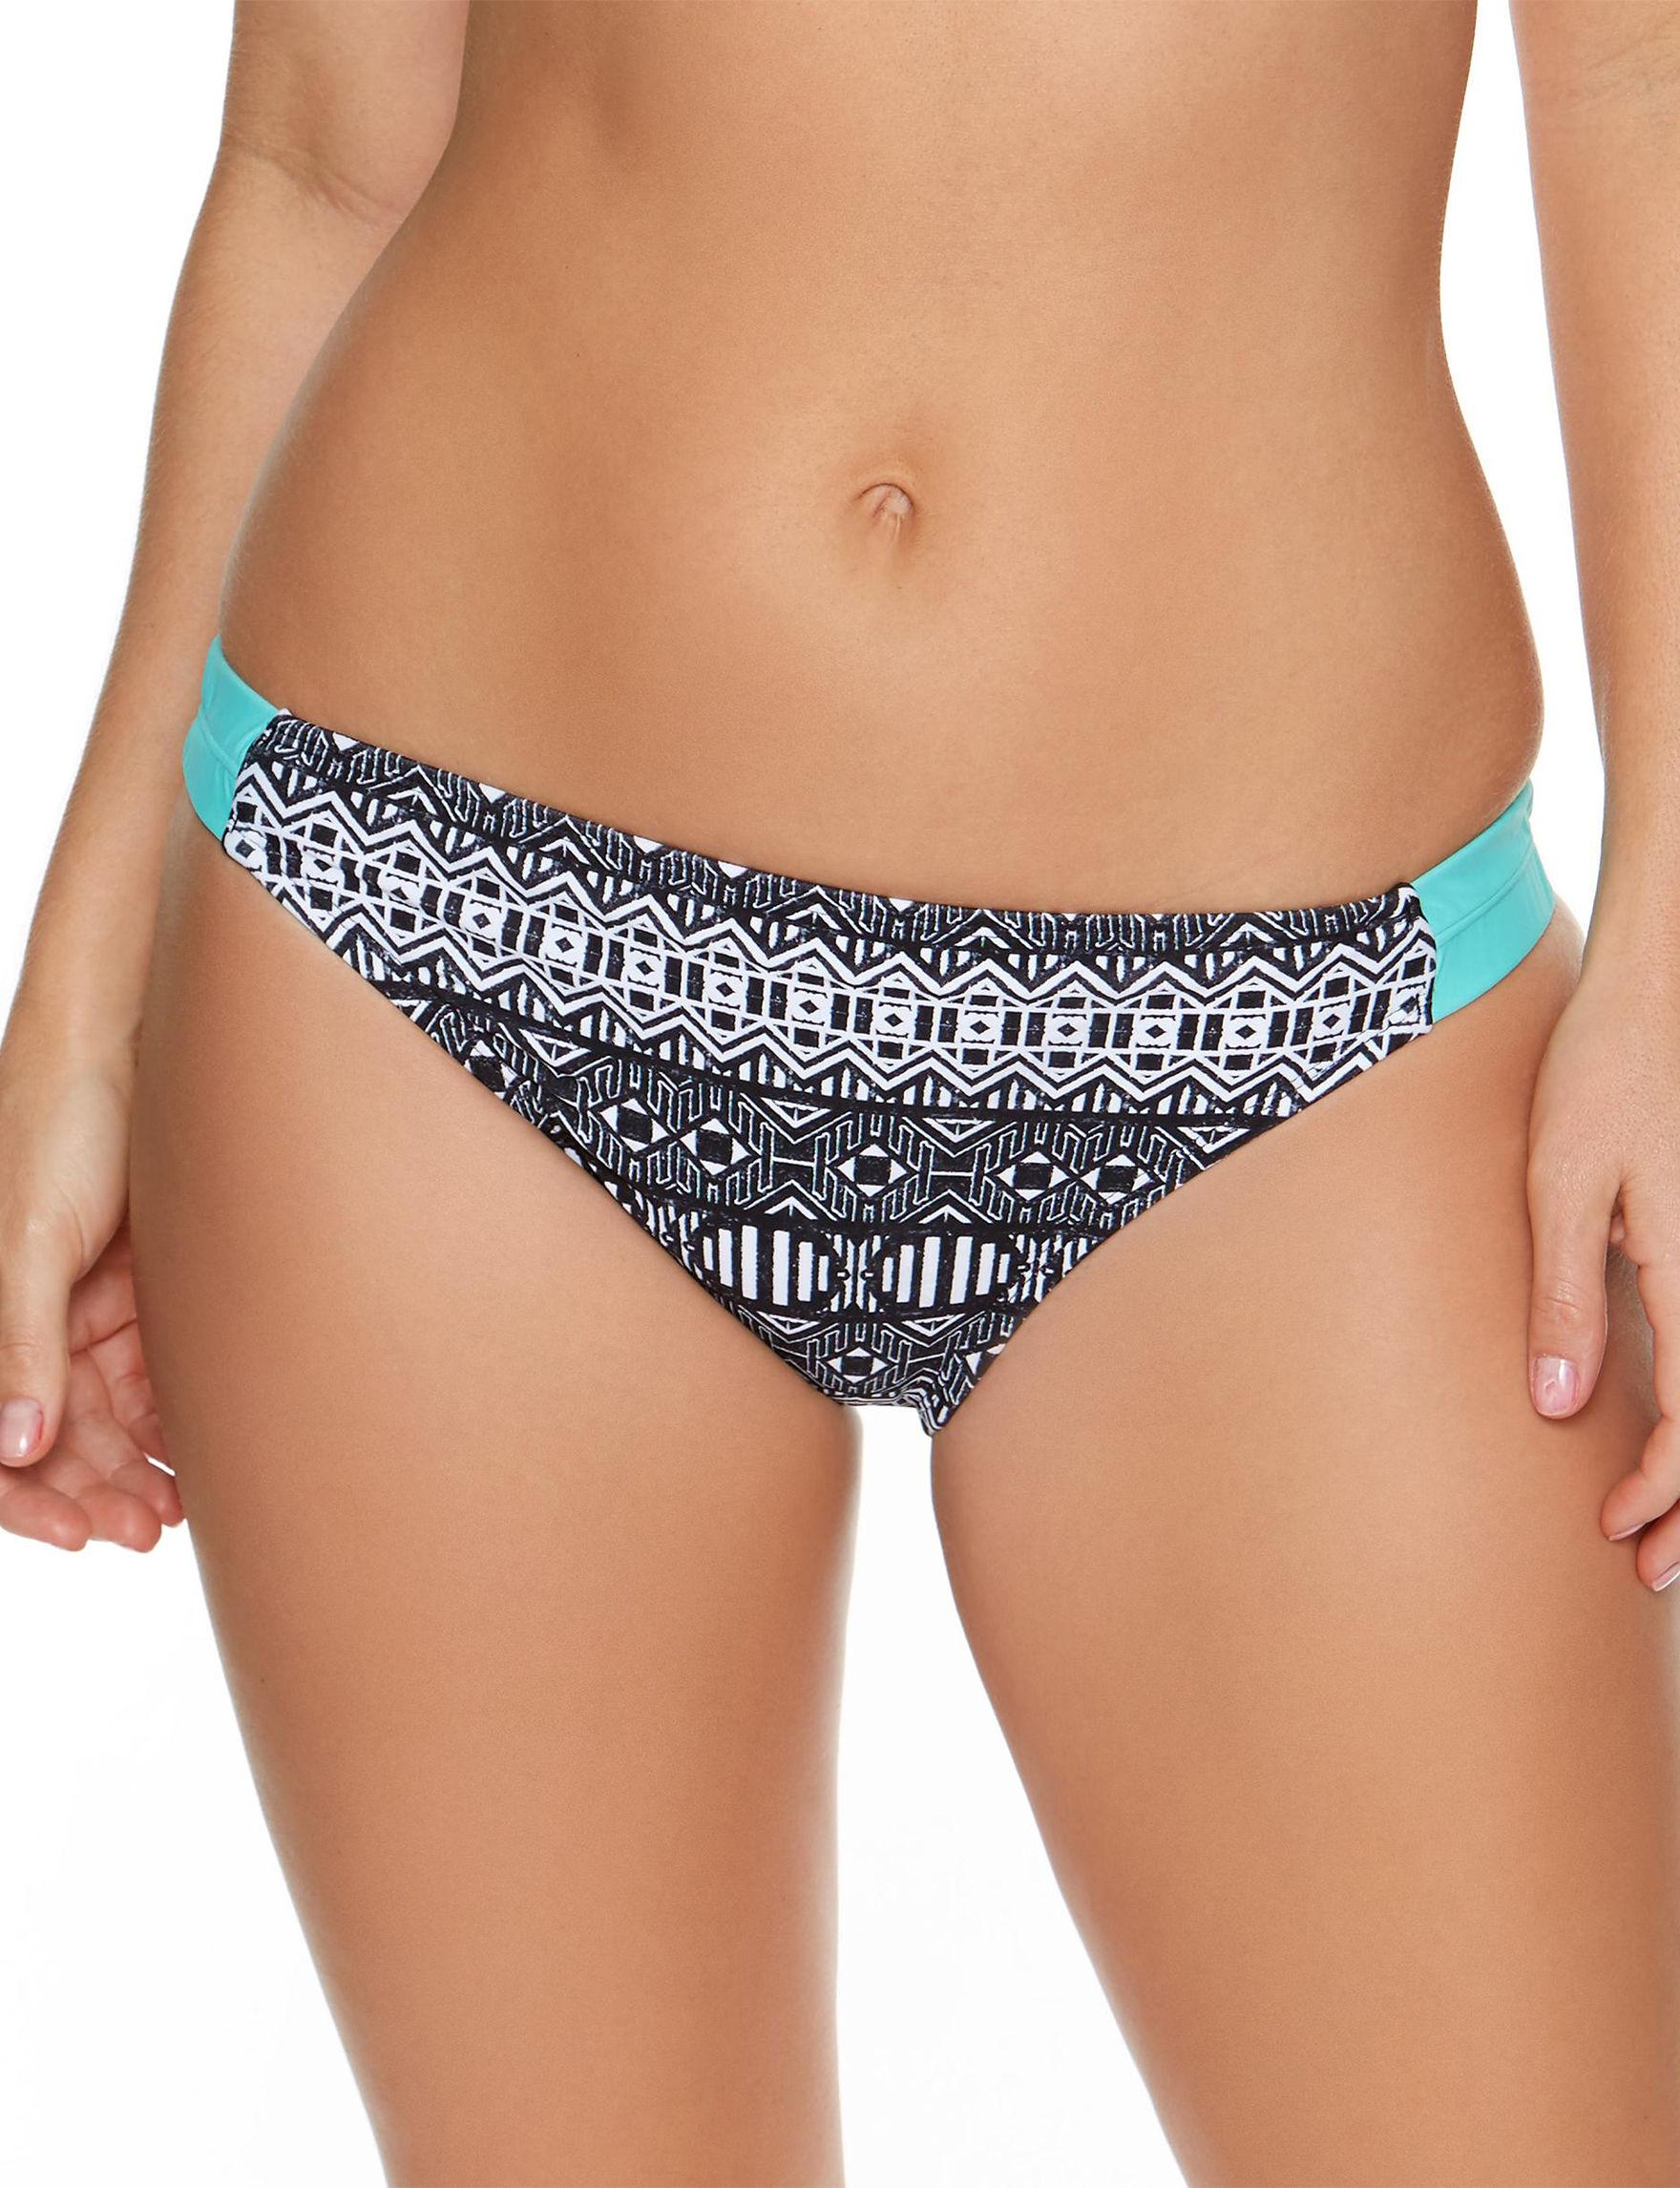 Splashletics Black / White Swimsuit Bottoms Hipster